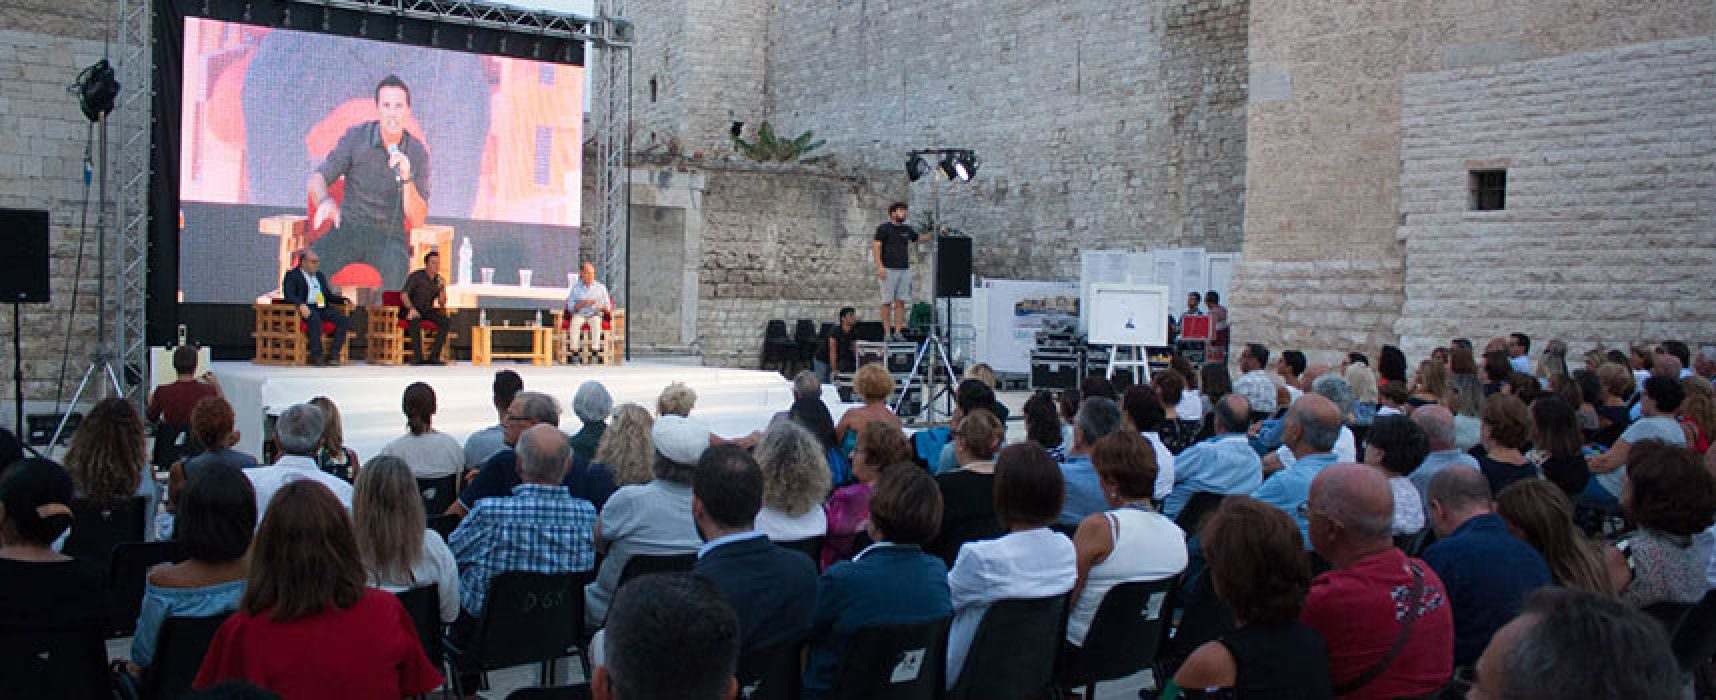 Libri nel Borgo Antico e Dialoghi di Trani incontrano i candidati presidente alla Regione Puglia